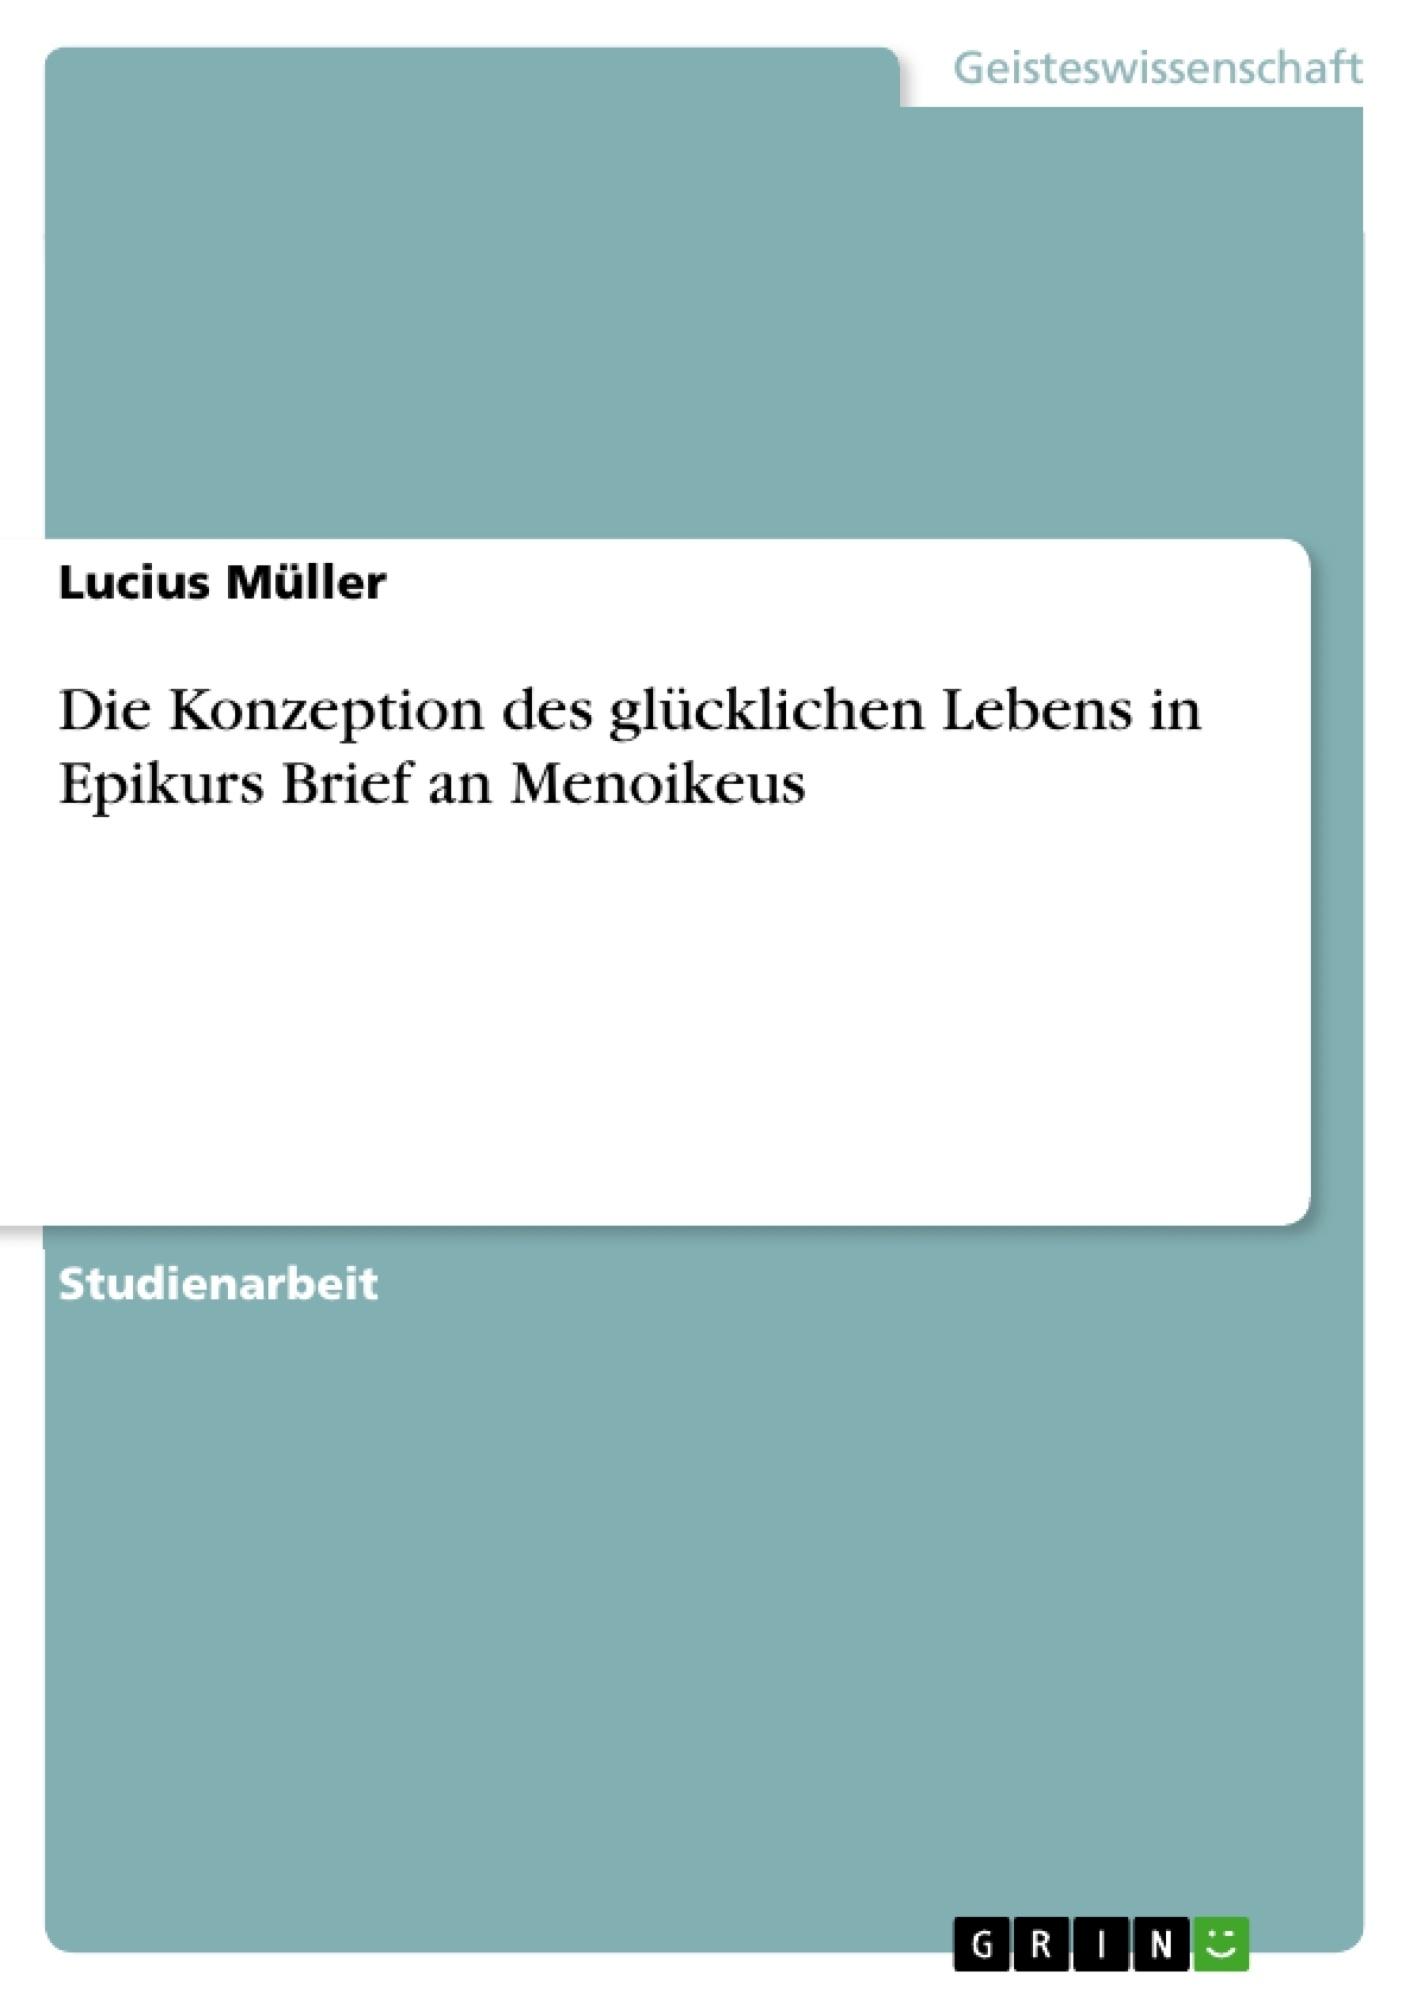 Titel: Die Konzeption des glücklichen Lebens in Epikurs Brief an Menoikeus